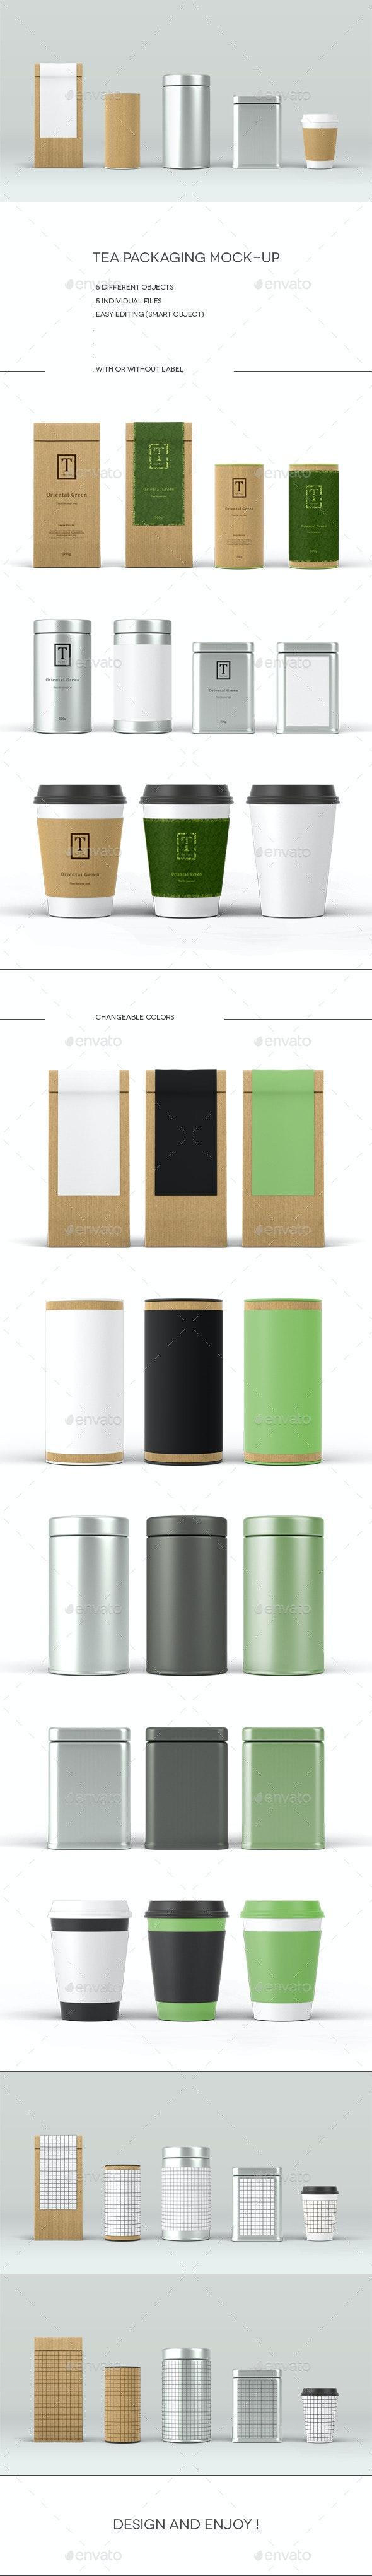 Tea Packaging Mock-Up - Food and Drink Packaging